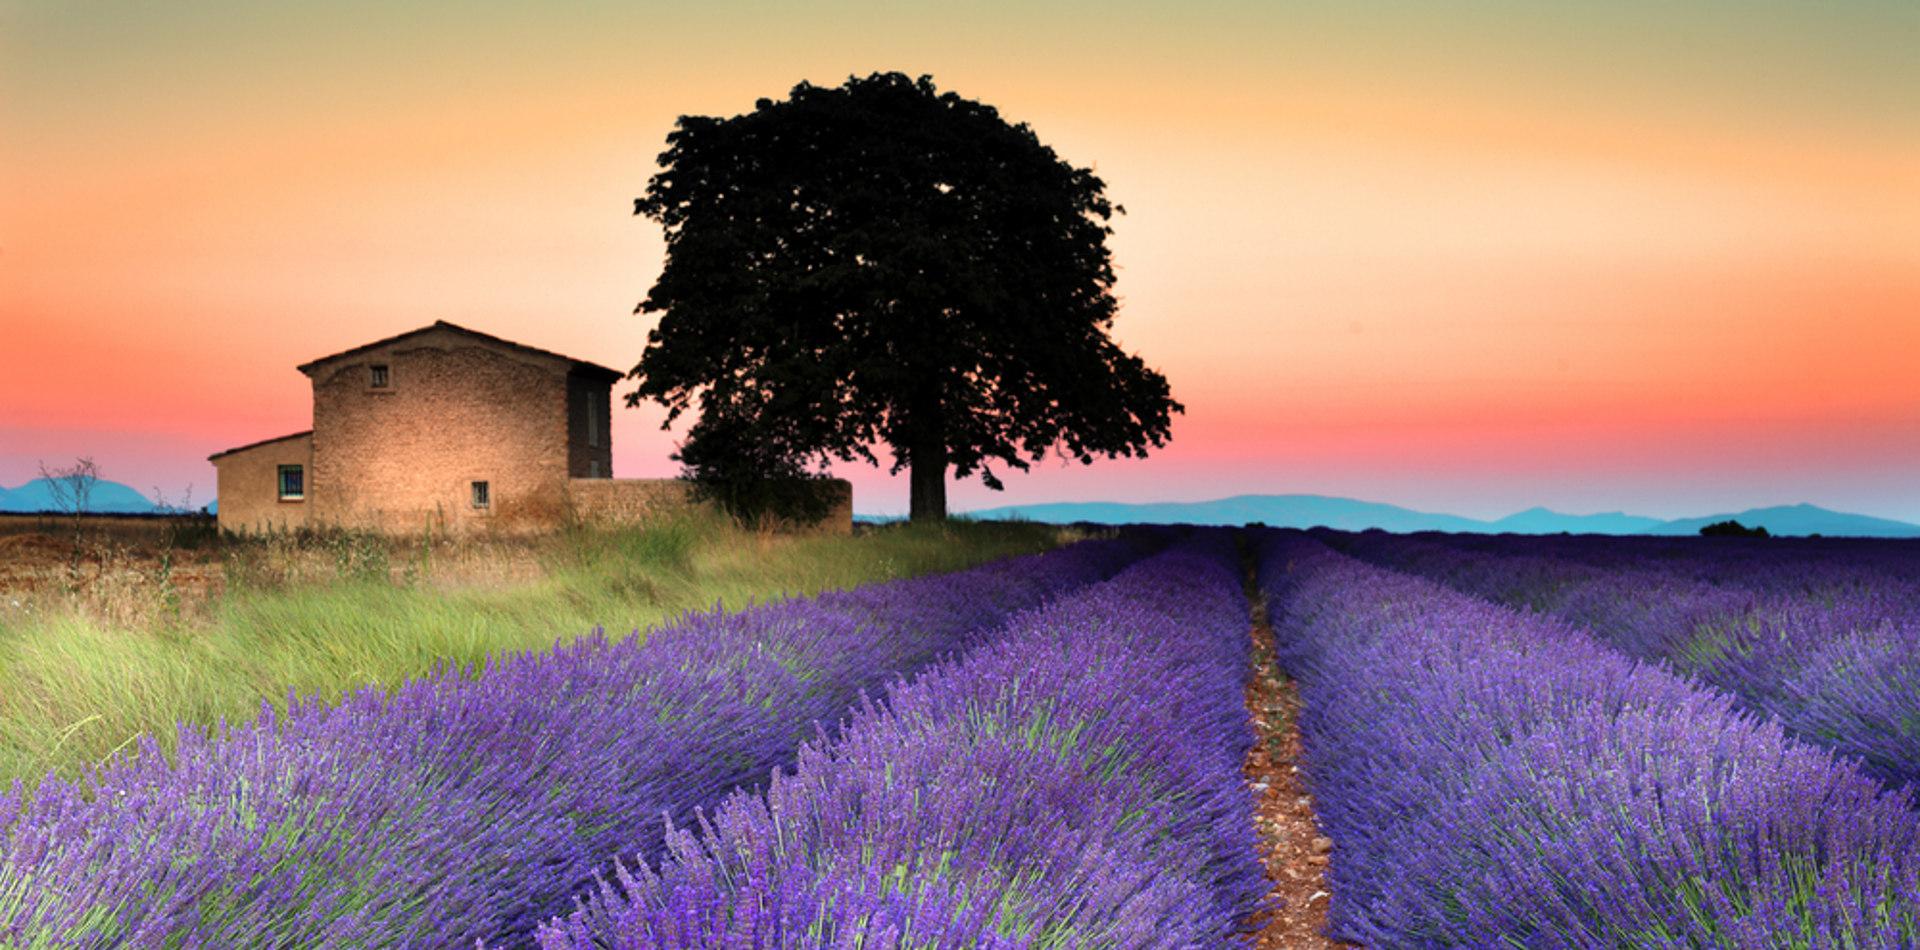 Luxusurlaub in Frankreich - Rundreise Provence